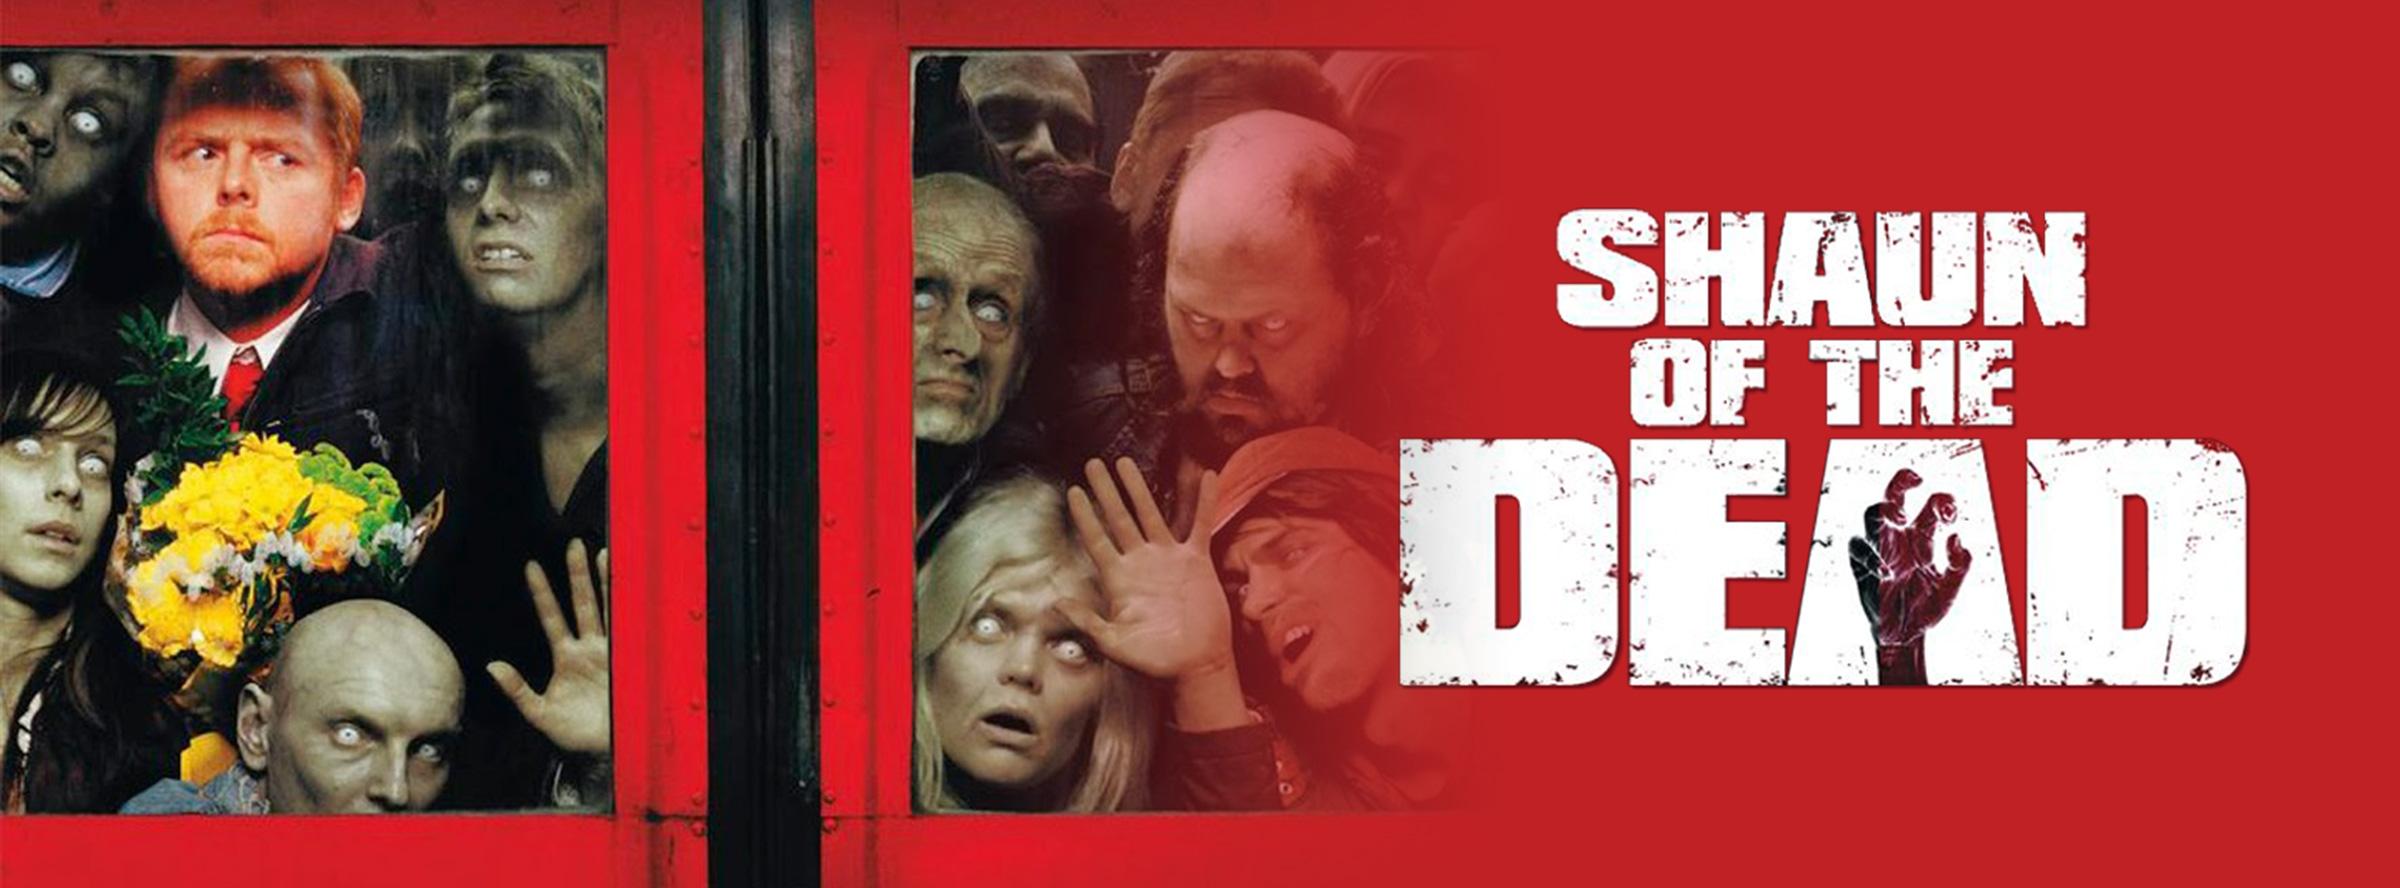 Slider Image for Shaun of the Dead